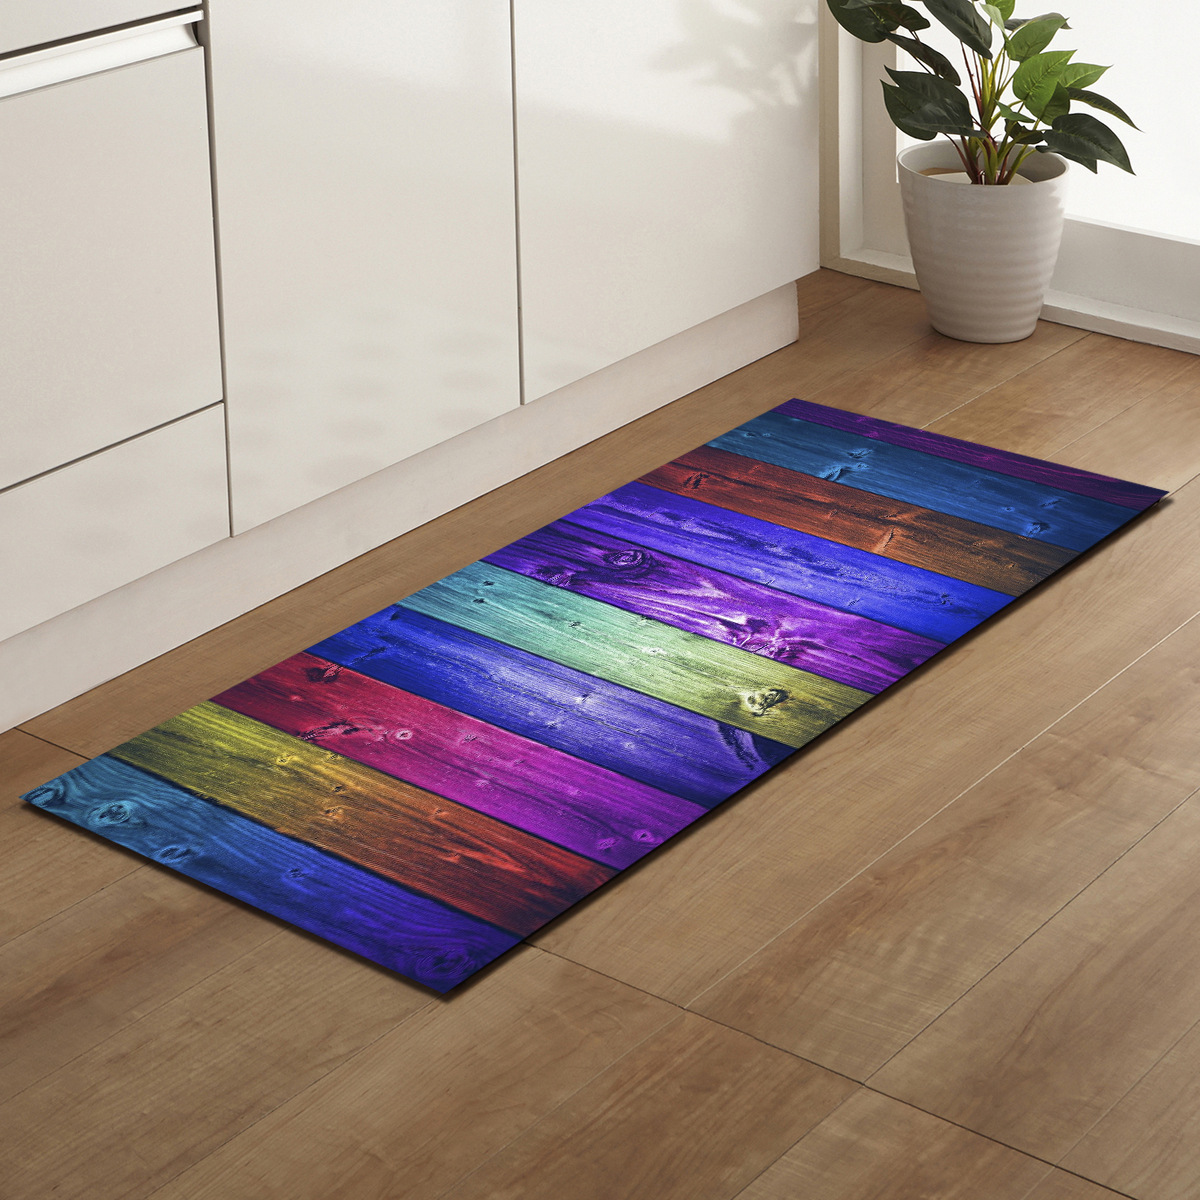 Us 9 78 33 Off Zeegle Wood Pattern Rectangle Corridor Mats Welcome Door Mat Living Room Rugs Anti Slip Kitchen Floor Mats Bedroom Bedside Mats In